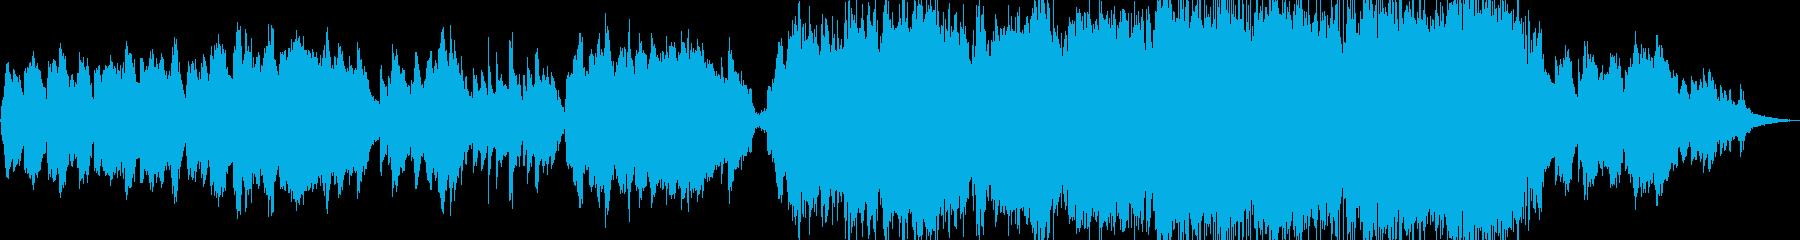 生演奏《オーボエの壮大な和風の曲》の再生済みの波形